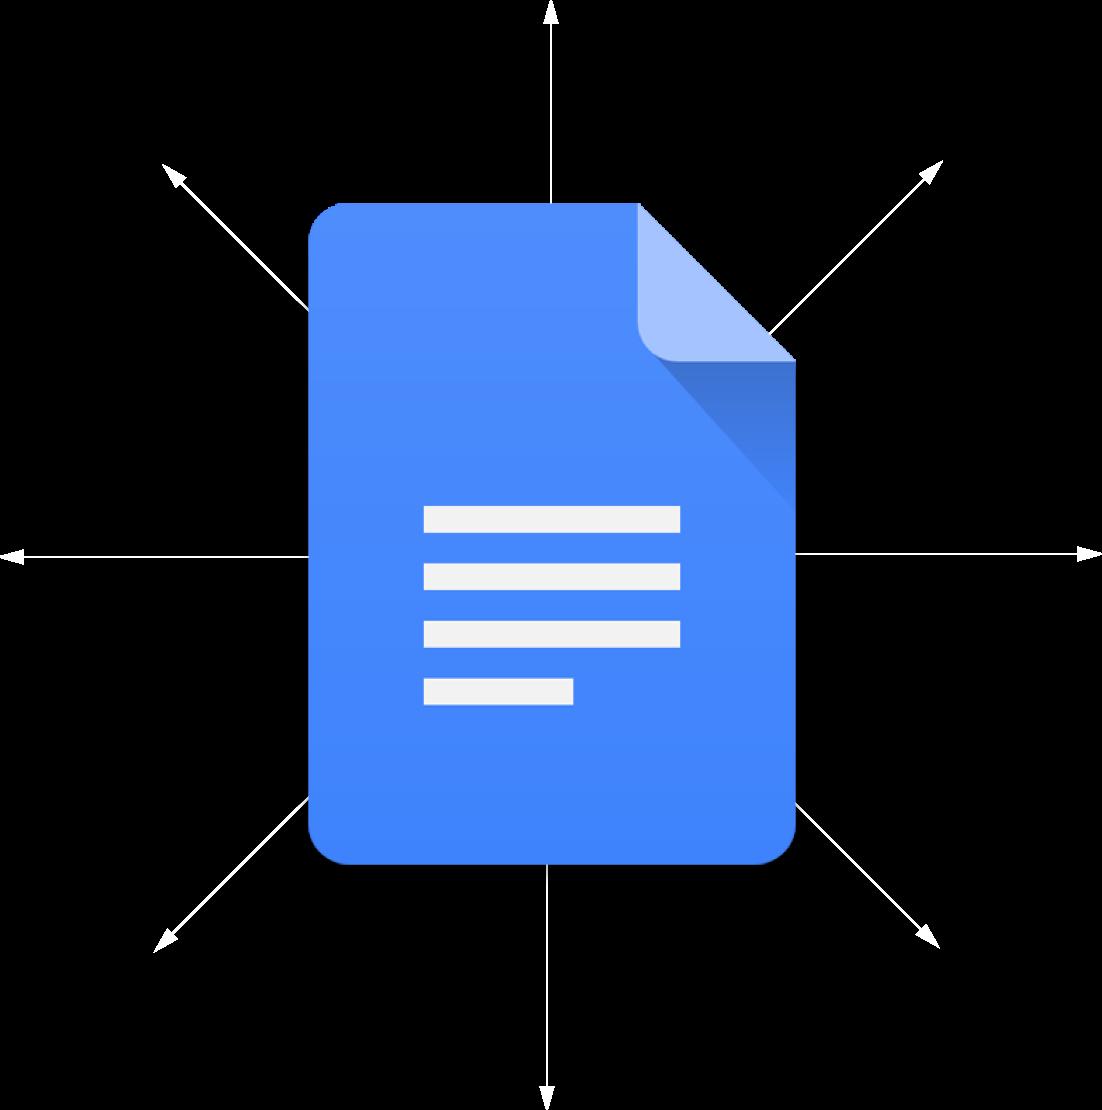 google docs icon